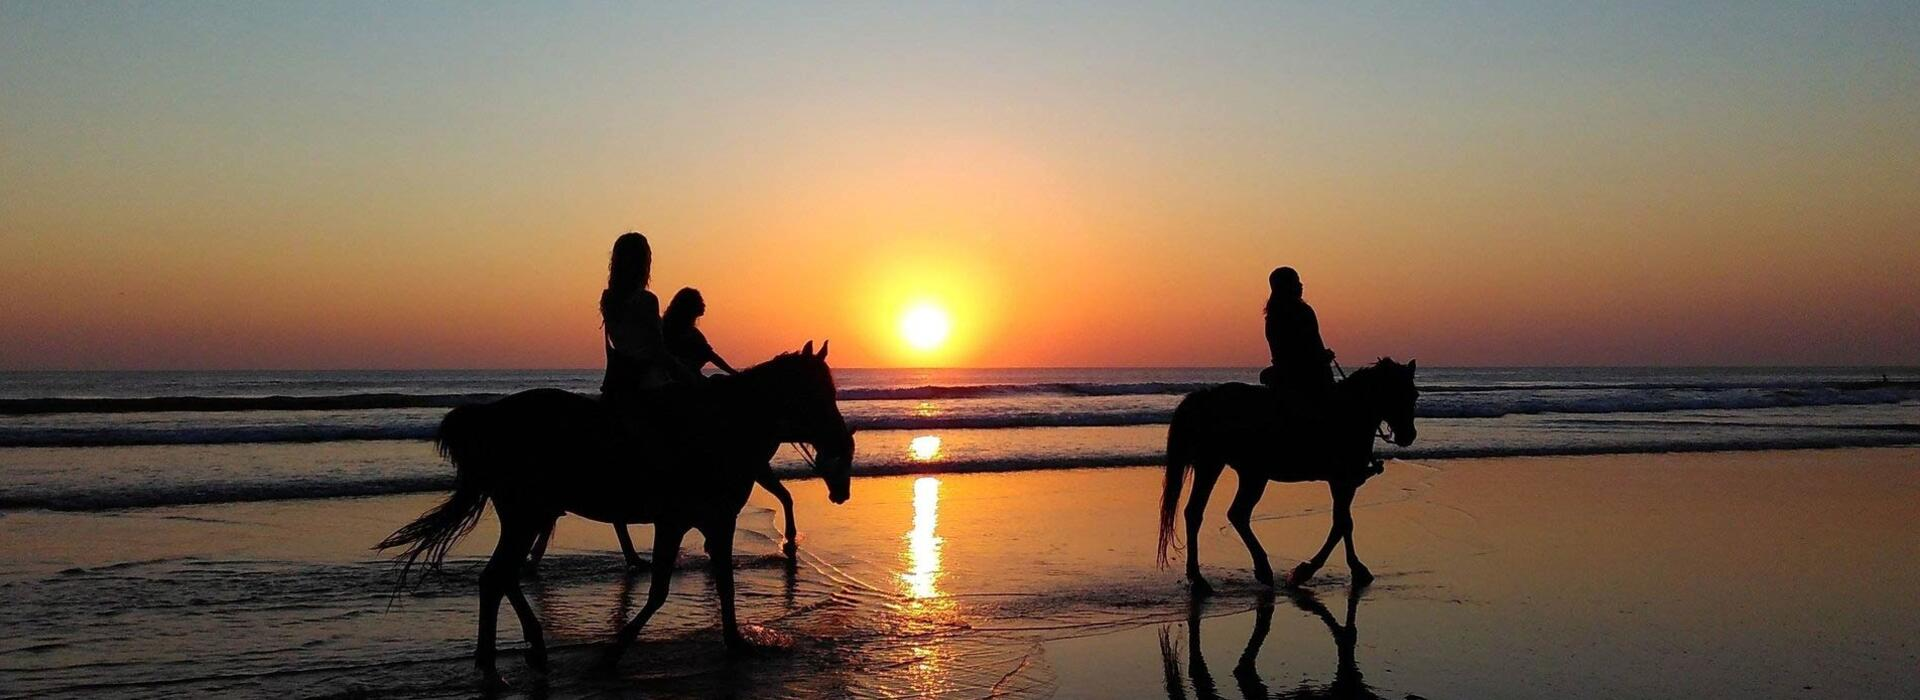 hotelvictoria en horseback-riding 015